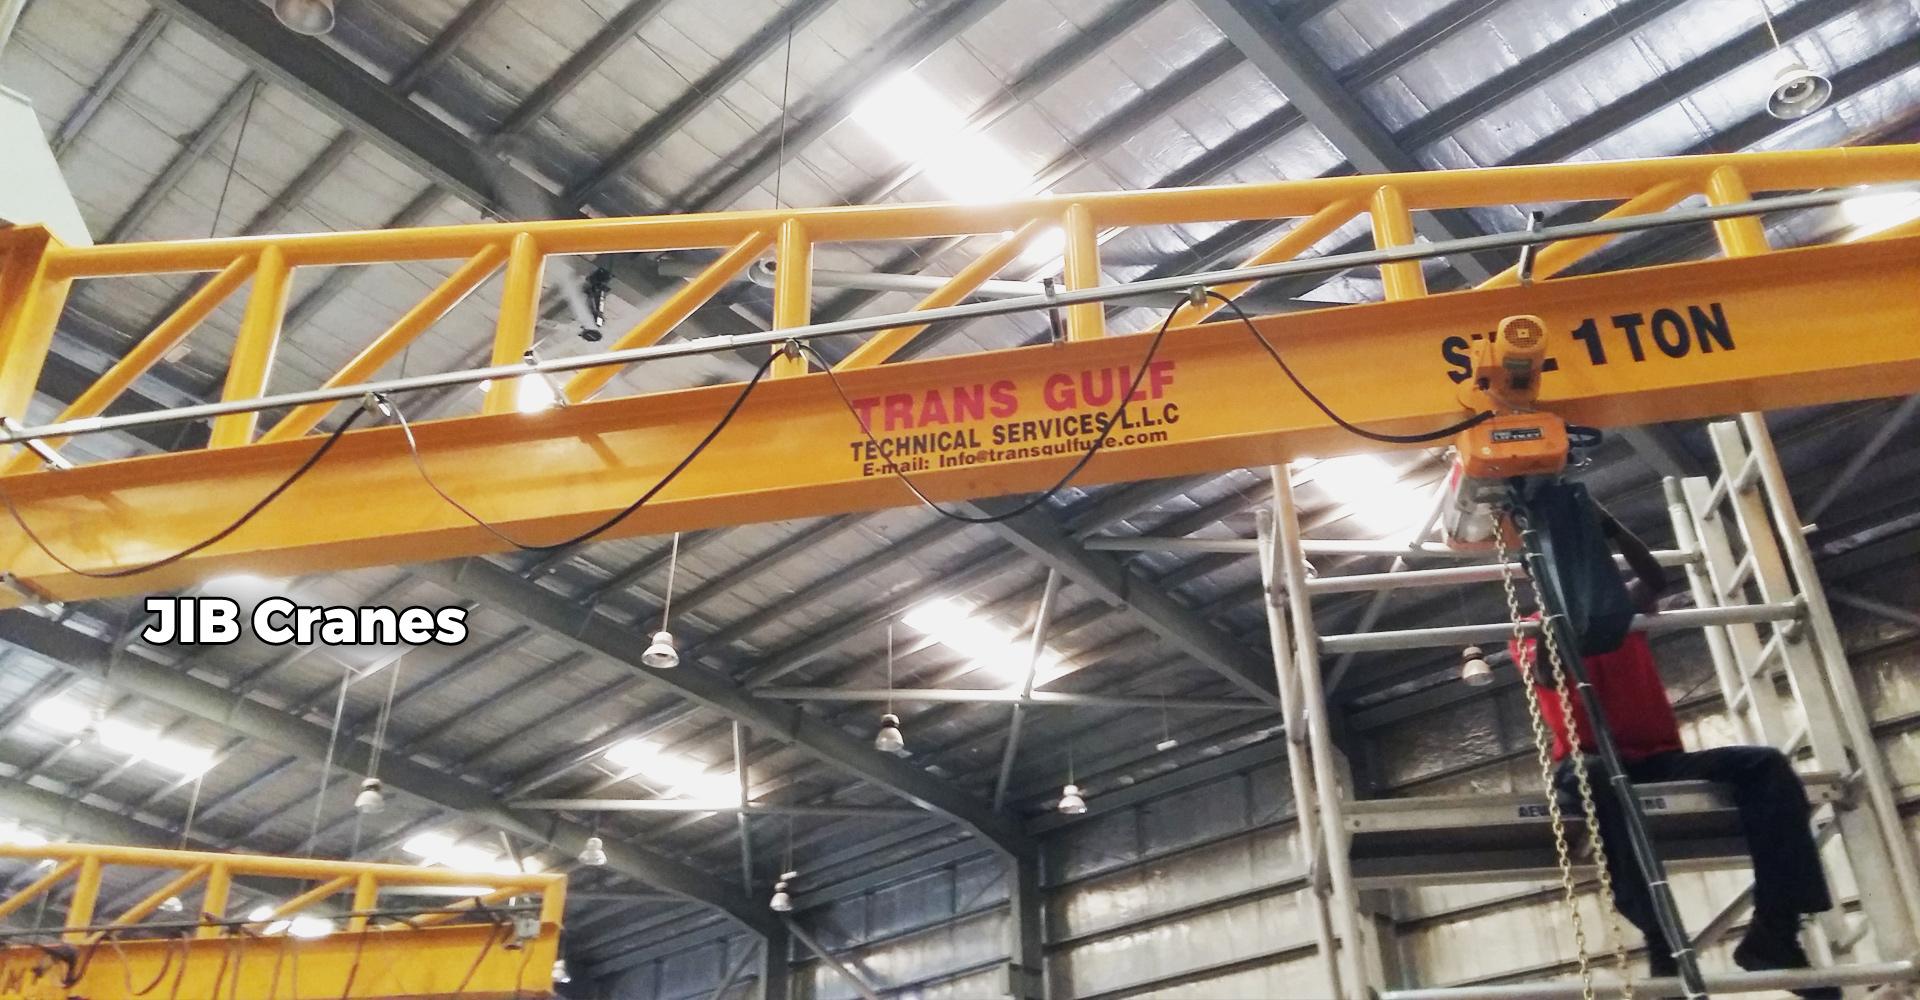 Trans Gulf Technical Services Llc Dubai Uae Supply